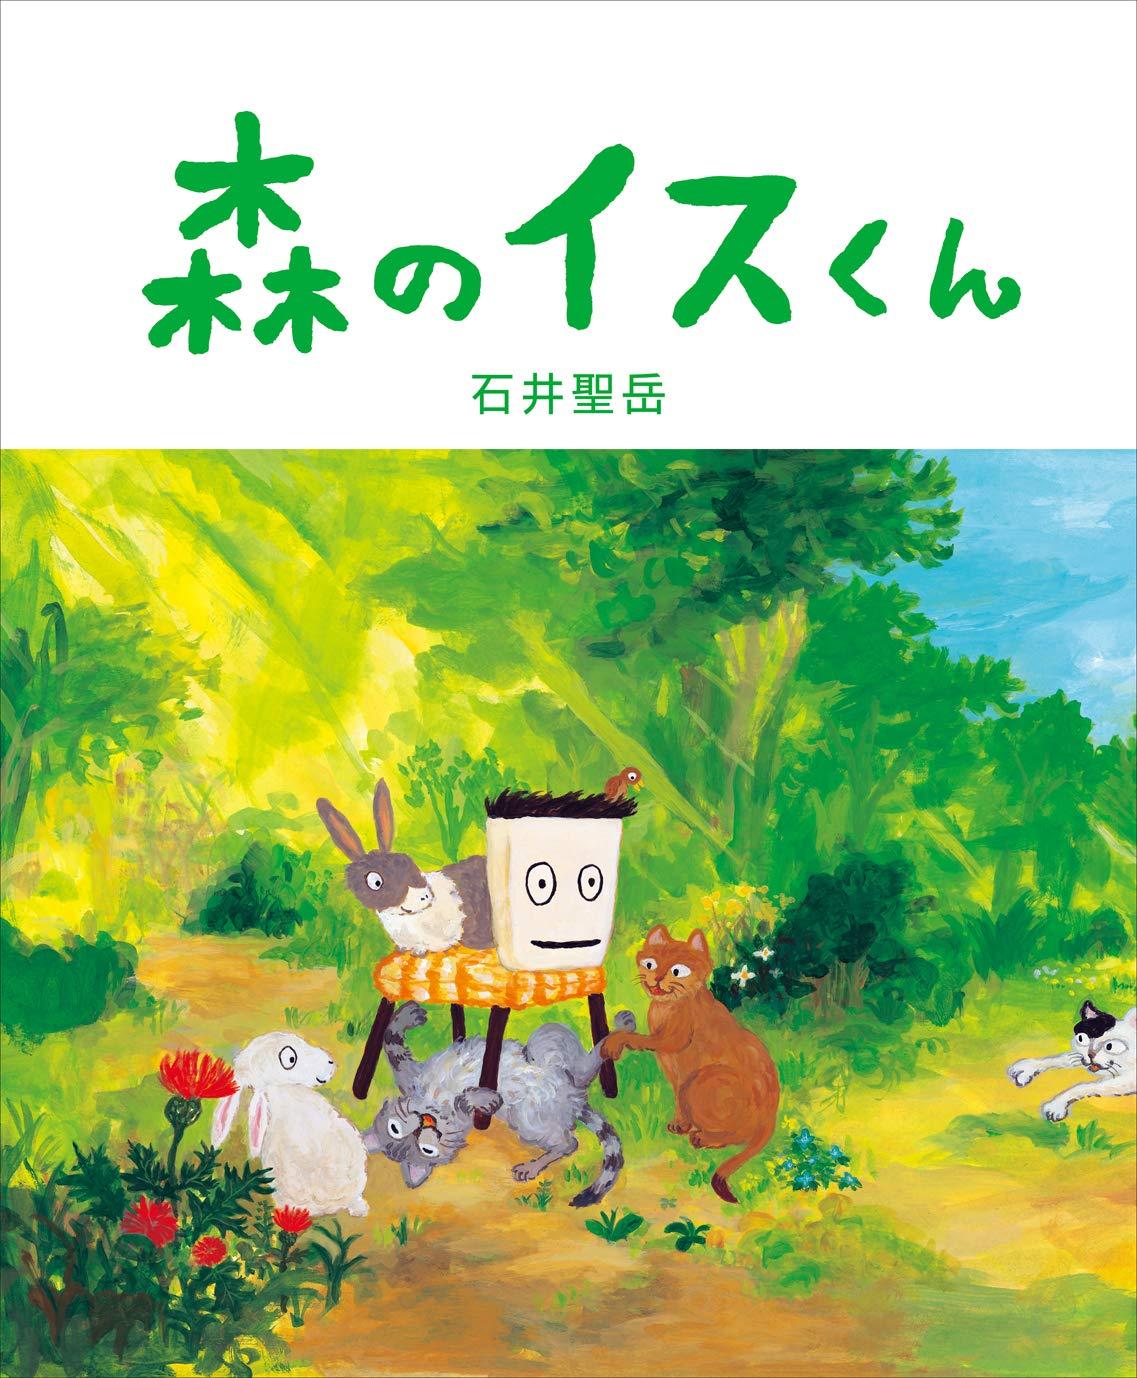 絵本「森のイスくん」の表紙